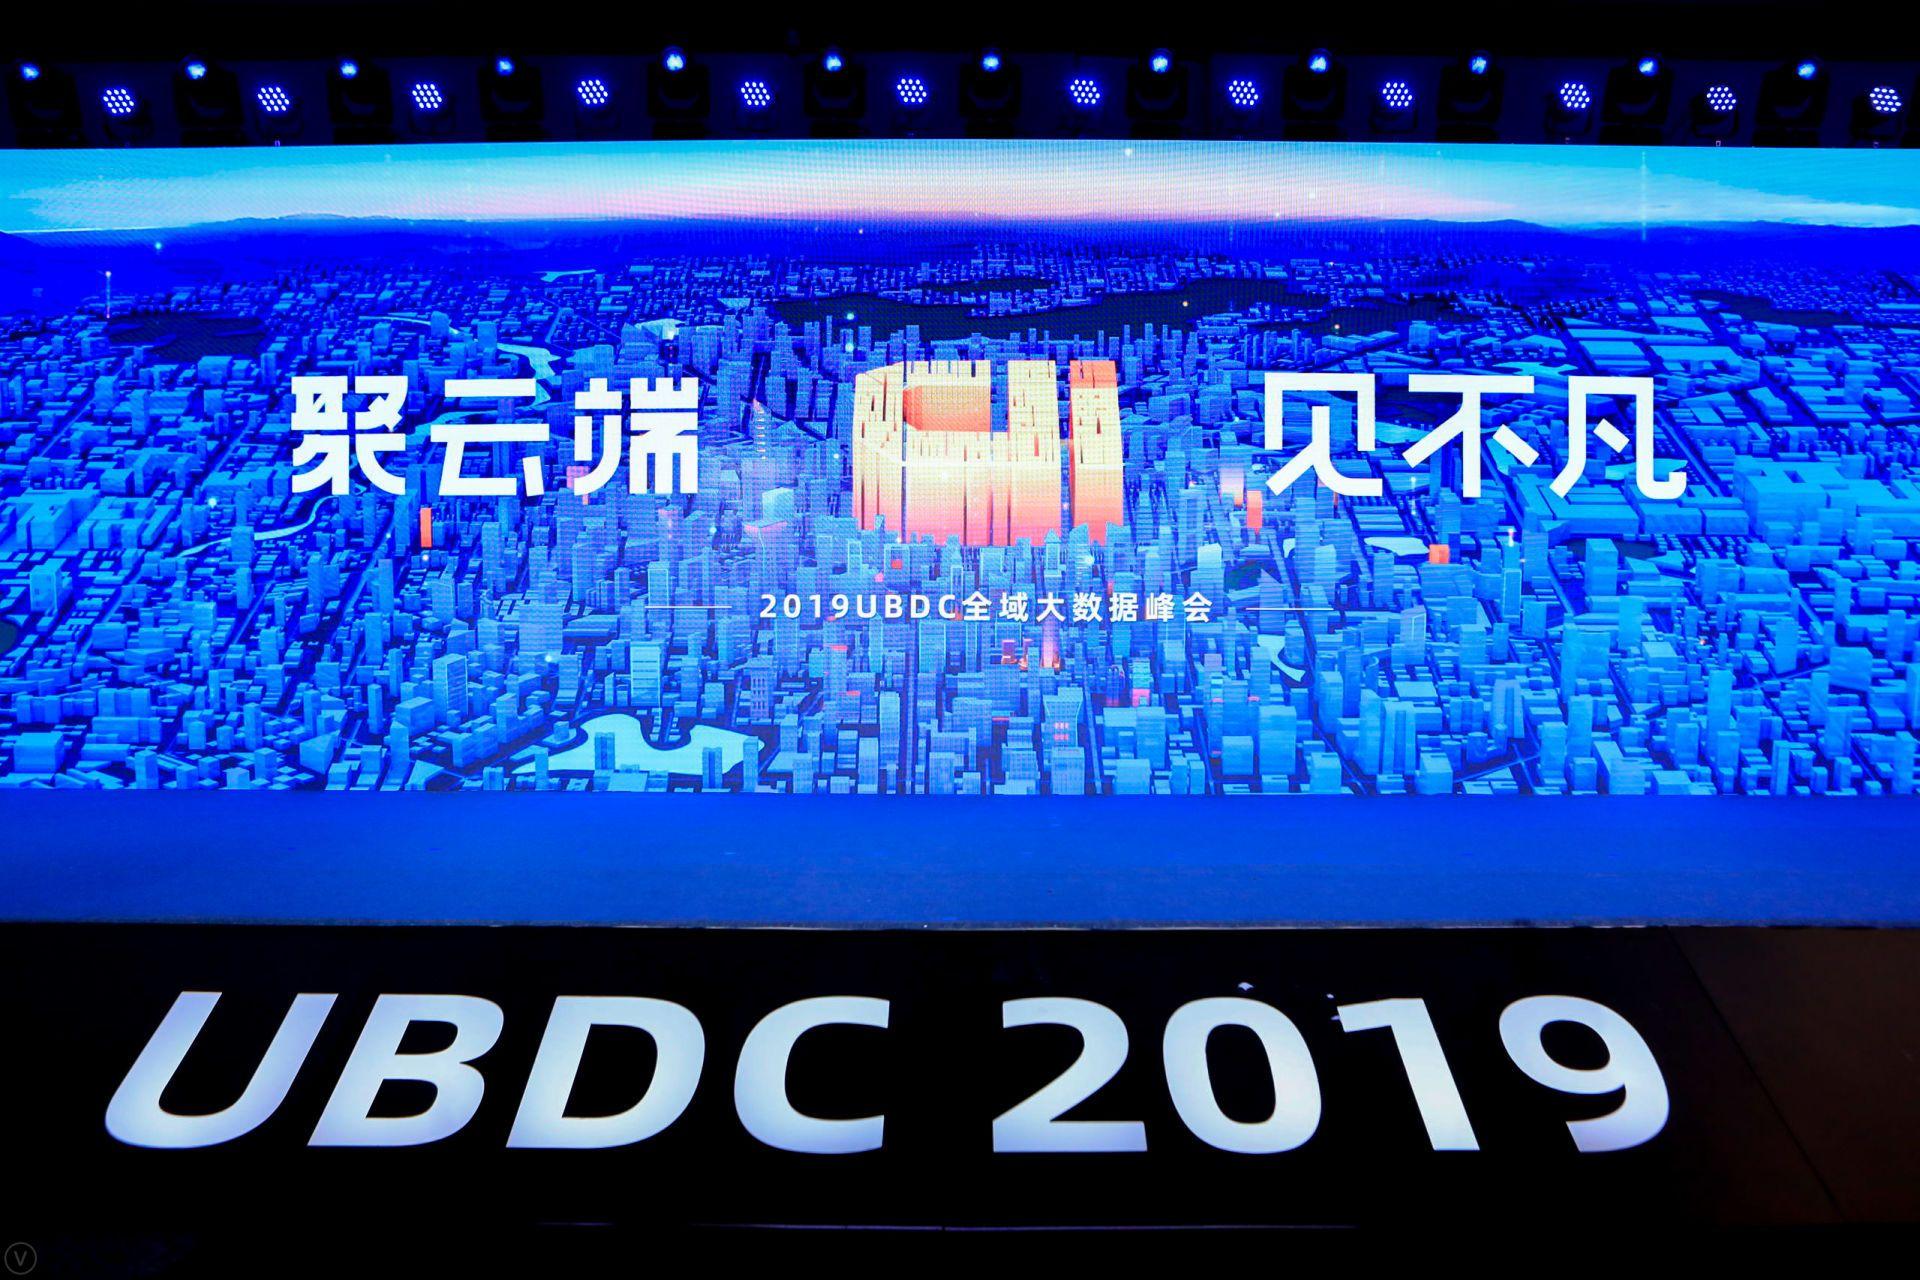 2019UBDC全域大数据峰会,应用公园与友盟+达成战略合作伙伴关系